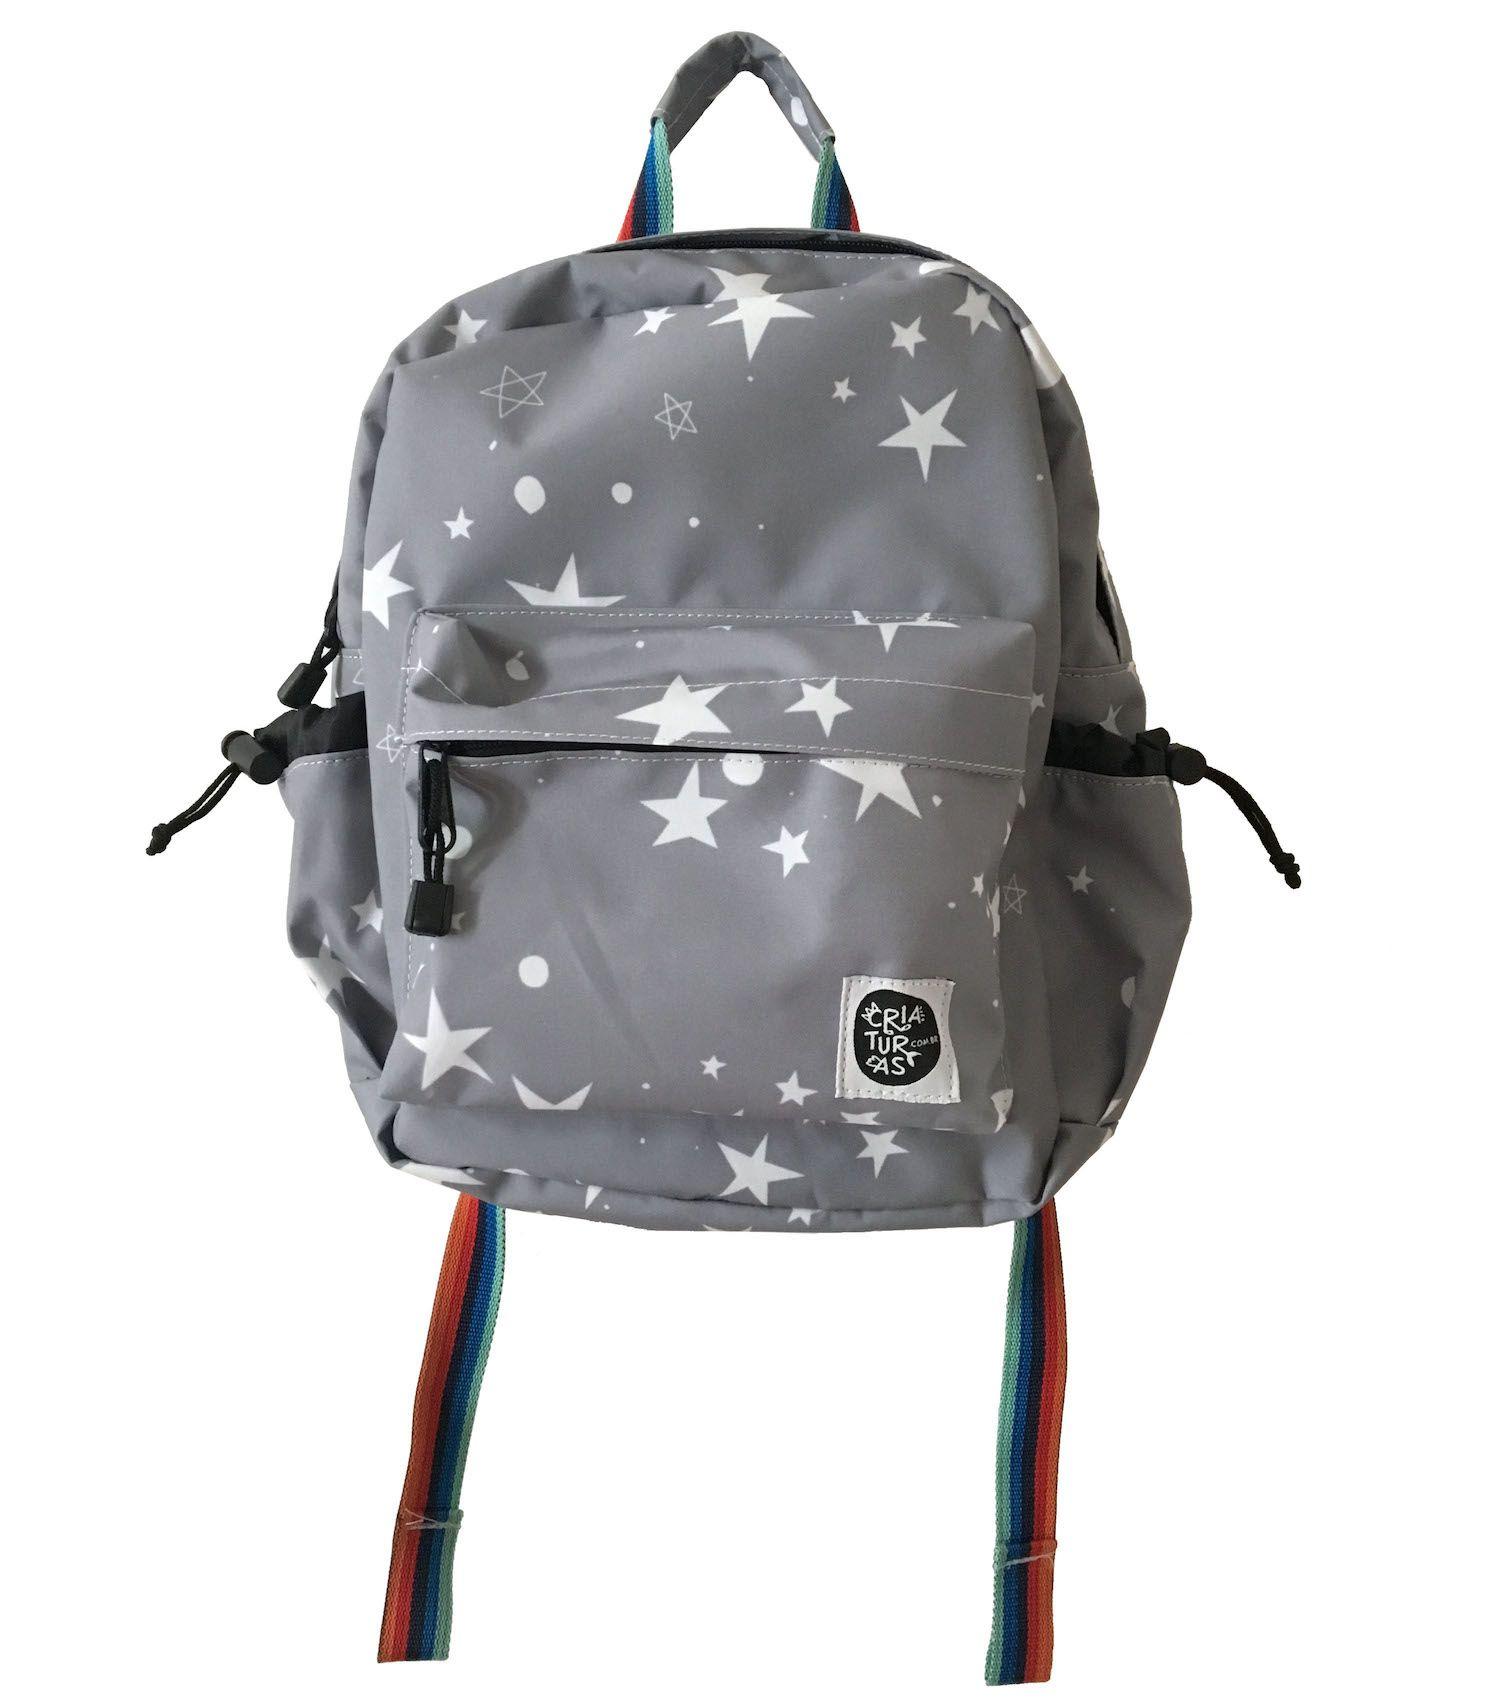 Mochilinha P Estrelas